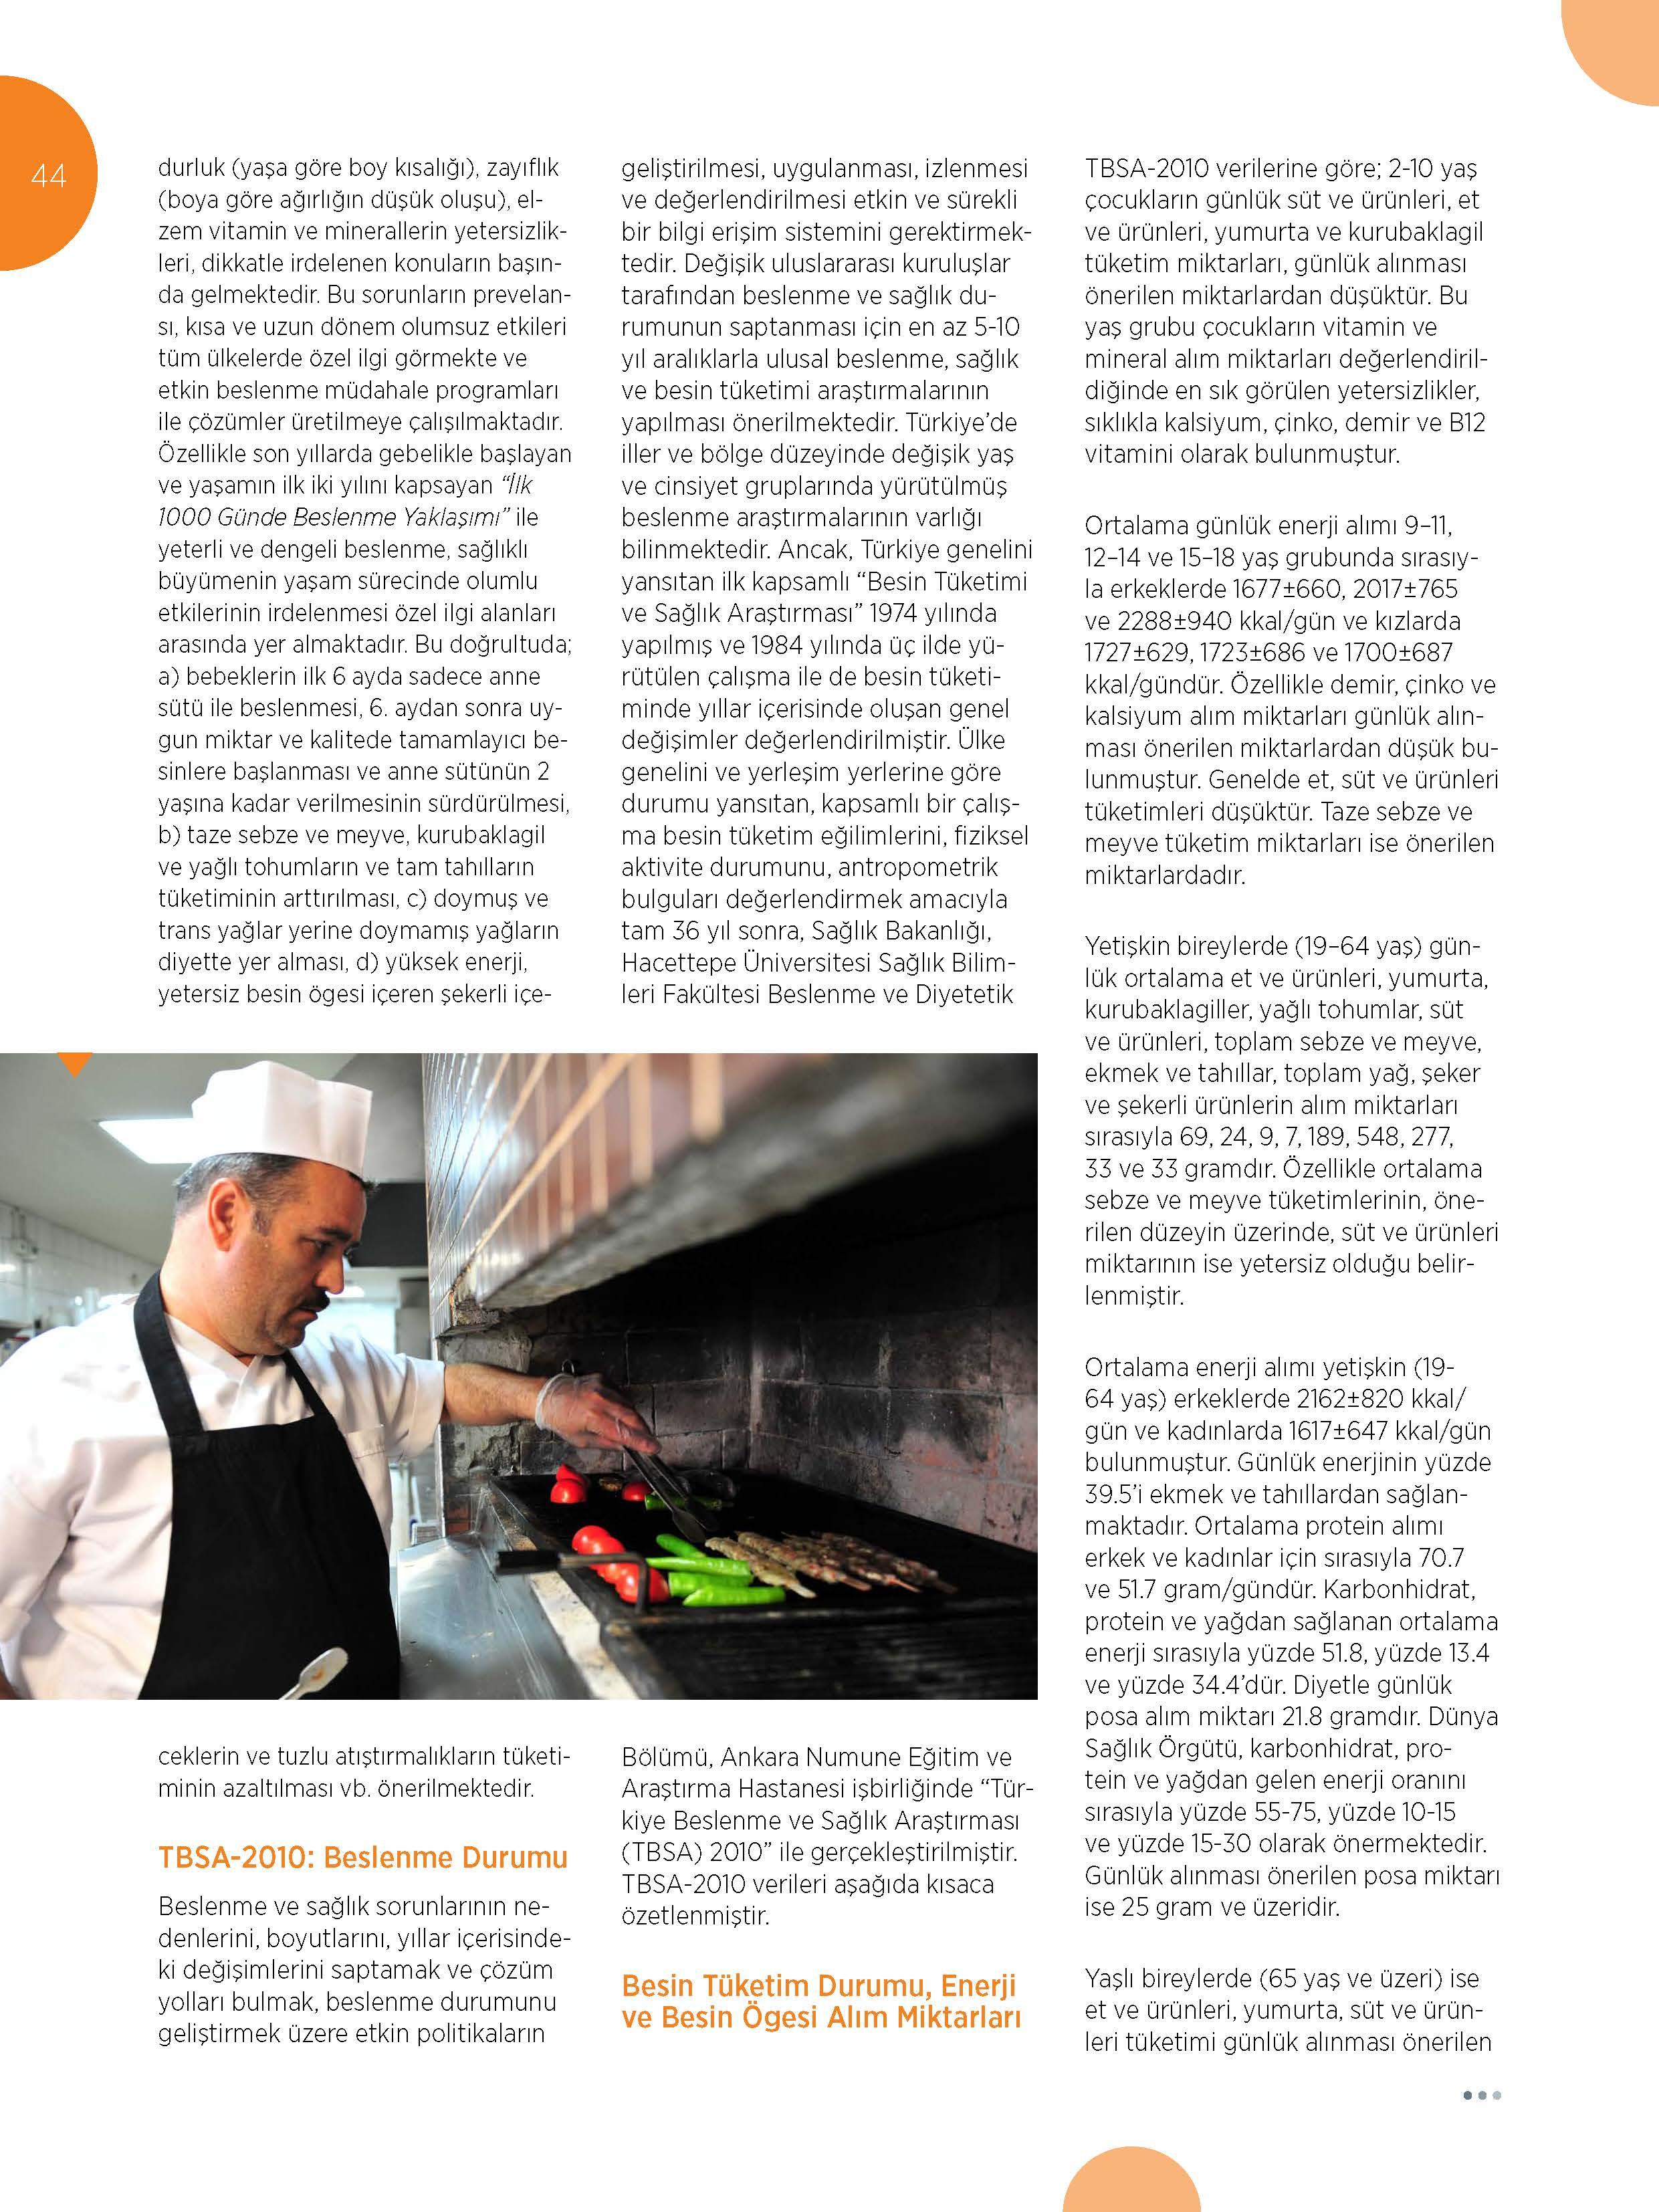 sayfa 44